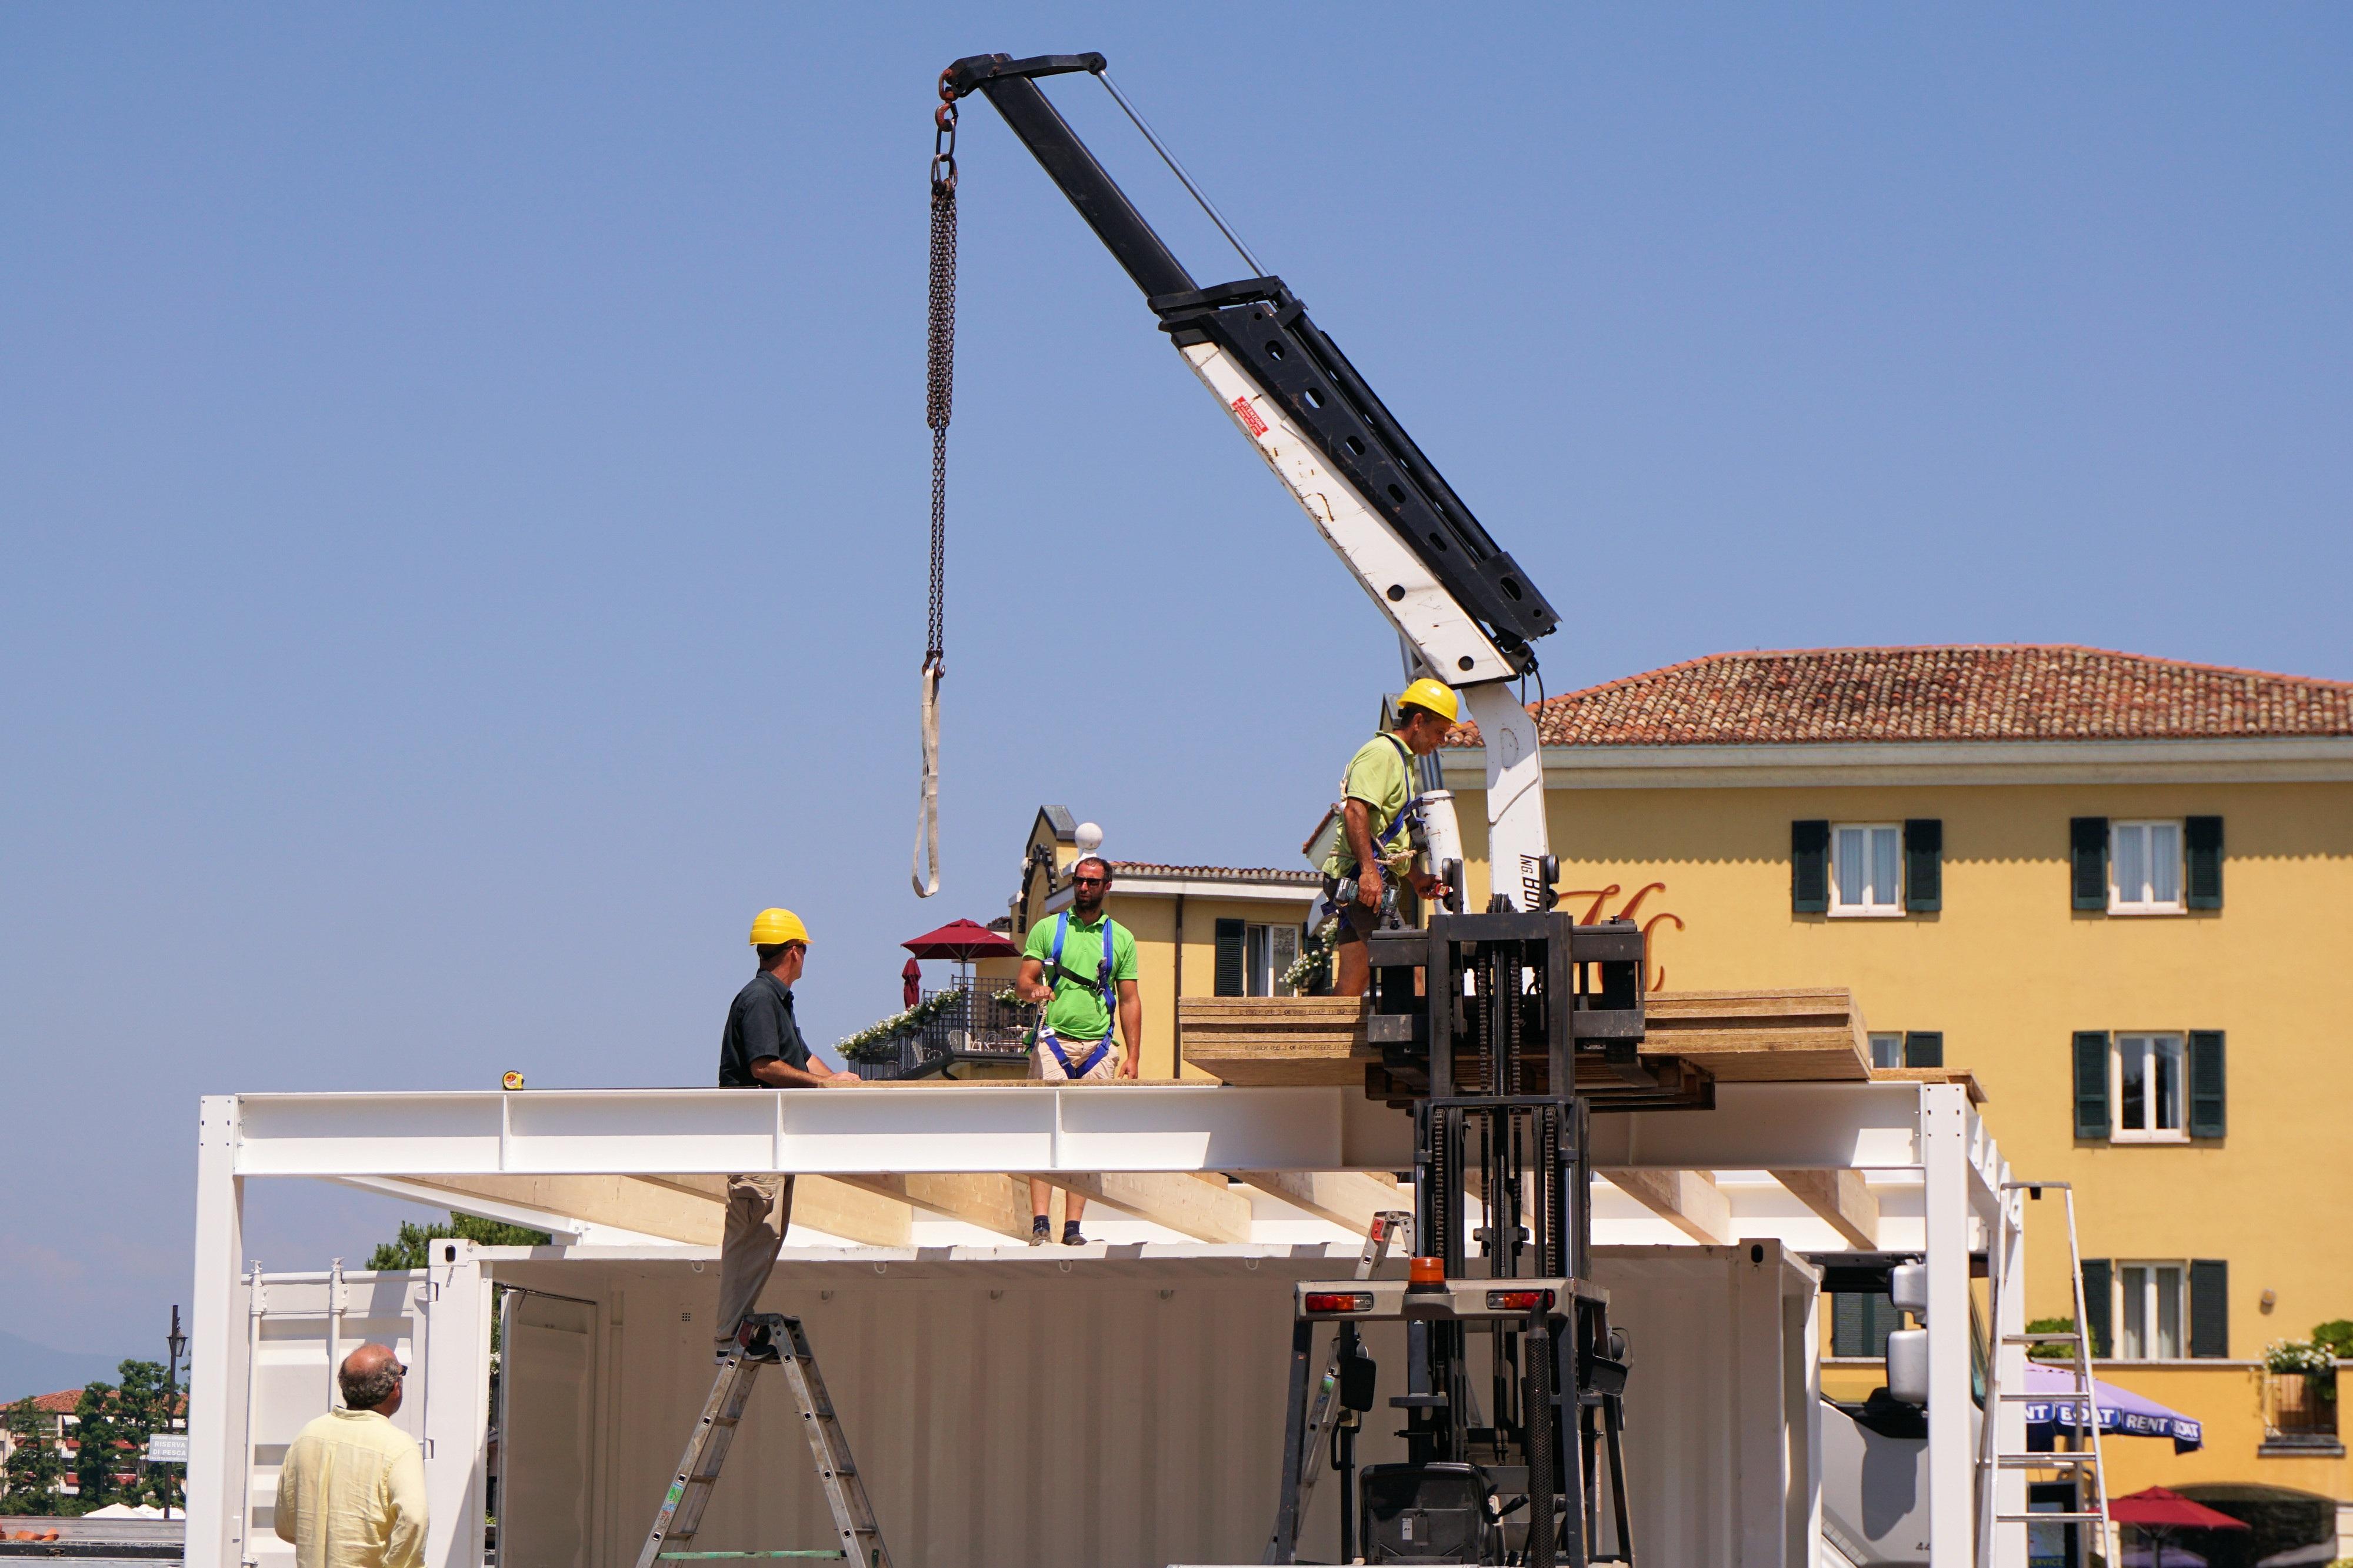 Fotos gratis tecnolog a edificio herramienta alto for Videos de construccion de edificios